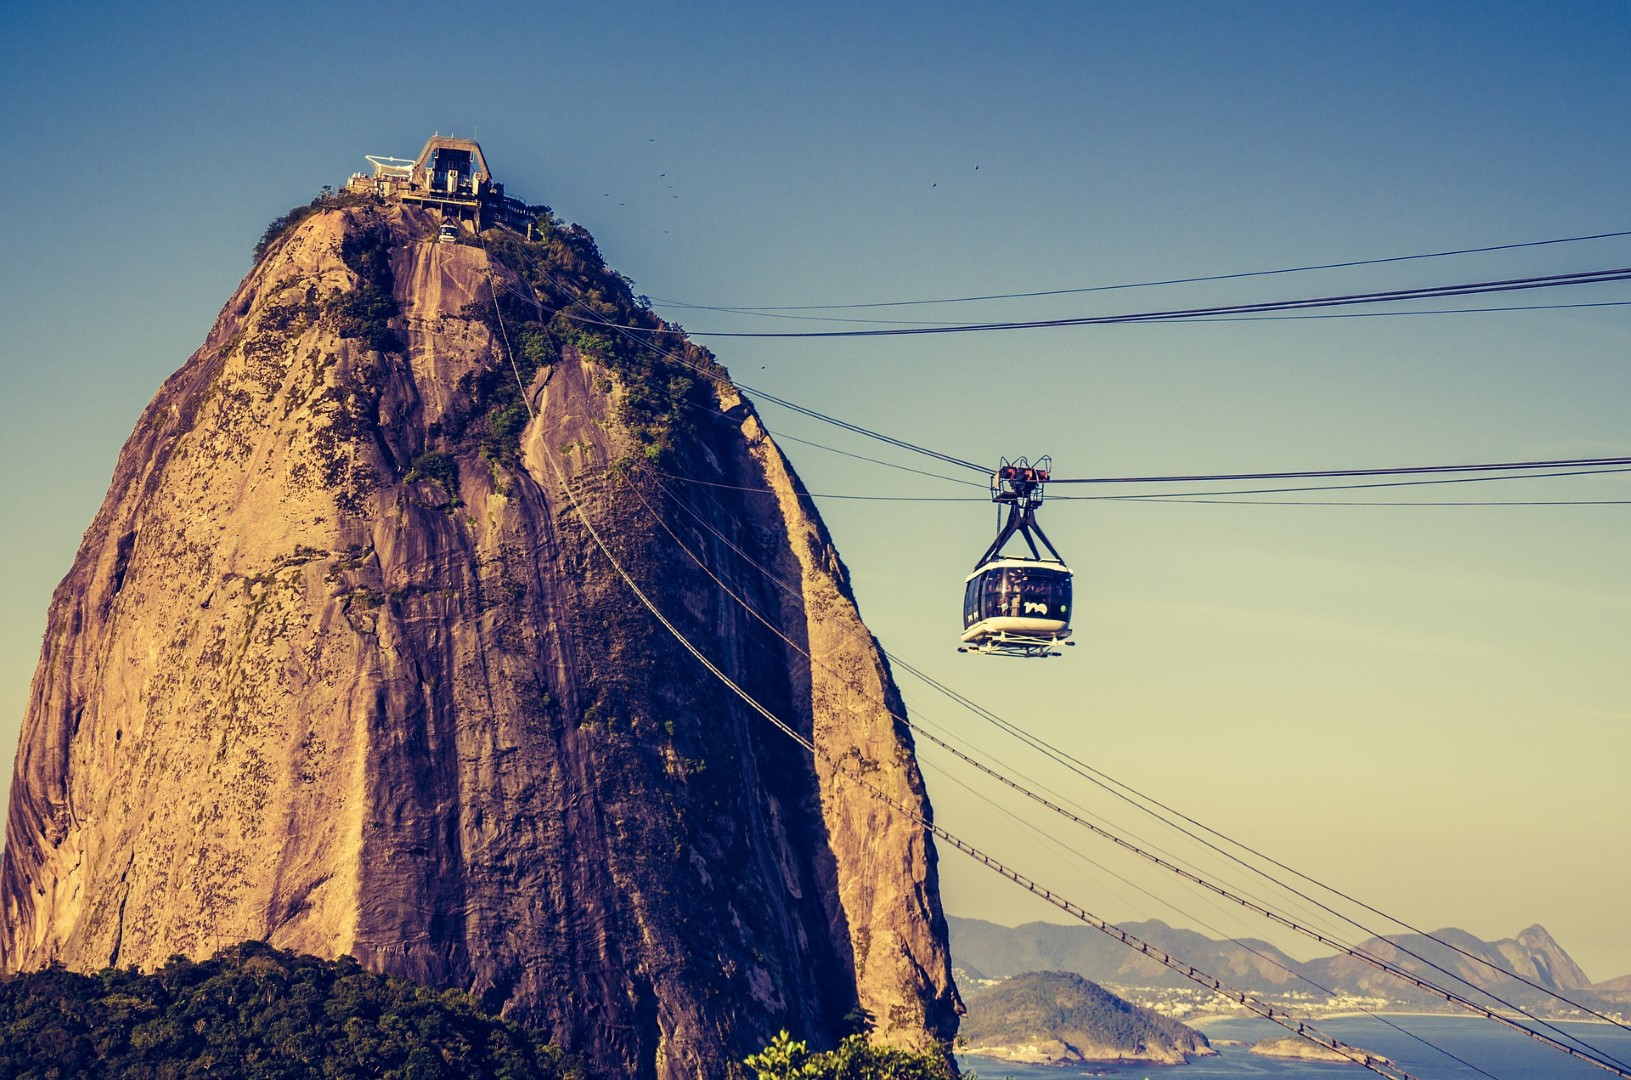 Gerenciamento de Redes Sociais em Fonte da Saudade – Rio de Janeiro – RJ